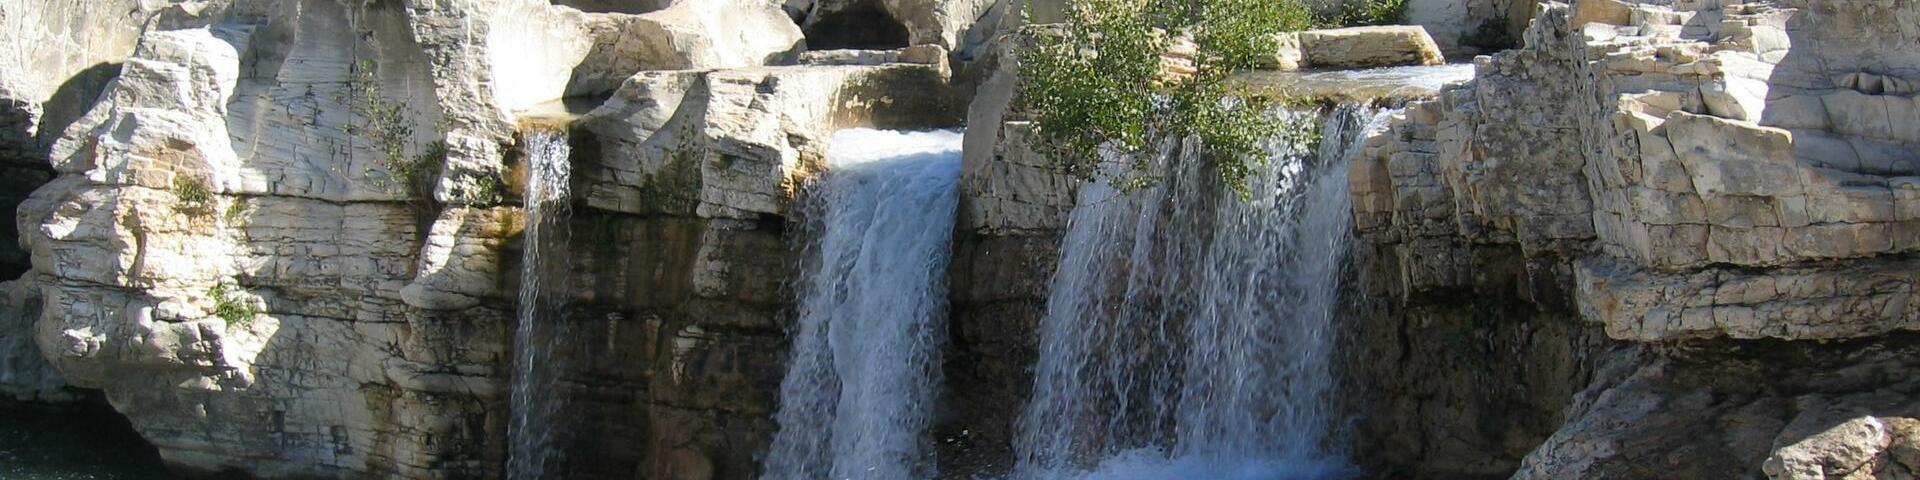 The Sautadet falls, Gard